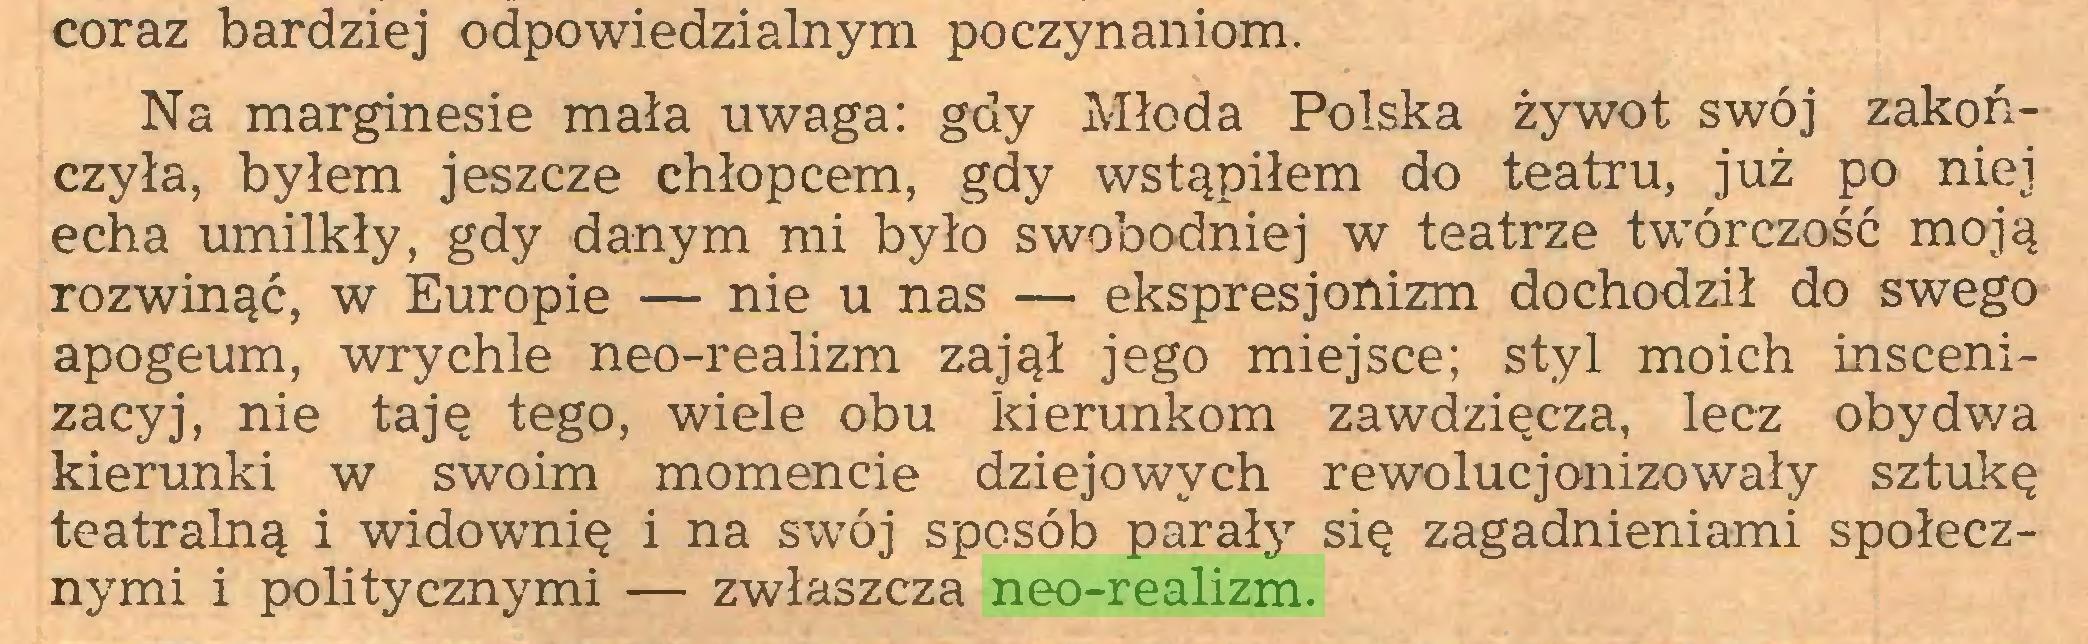 (...) coraz bardziej odpowiedzialnym poczynaniom. Na marginesie mała uwaga: gdy Młoda Polska żywot swój zakończyła, byłem jeszcze chłopcem, gdy wstąpiłem do teatru, już po niej echa umilkły, gdy danym mi było swobodniej w teatrze twórczość moją rozwinąć, w Europie — nie u nas — ekspresjonizm dochodził do swego apogeum, wrychle neo-realizm zajął jego miejsce; styl moich inscenizacyj, nie taję tego, wiele obu kierunkom zawdzięcza, lecz obydwa kierunki w swoim momencie dziejowych rewolucjonizowały sztukę teatralną i widownię i na swTój sposób parały się zagadnieniami społecznymi i politycznymi — zwłaszcza neo-realizm...